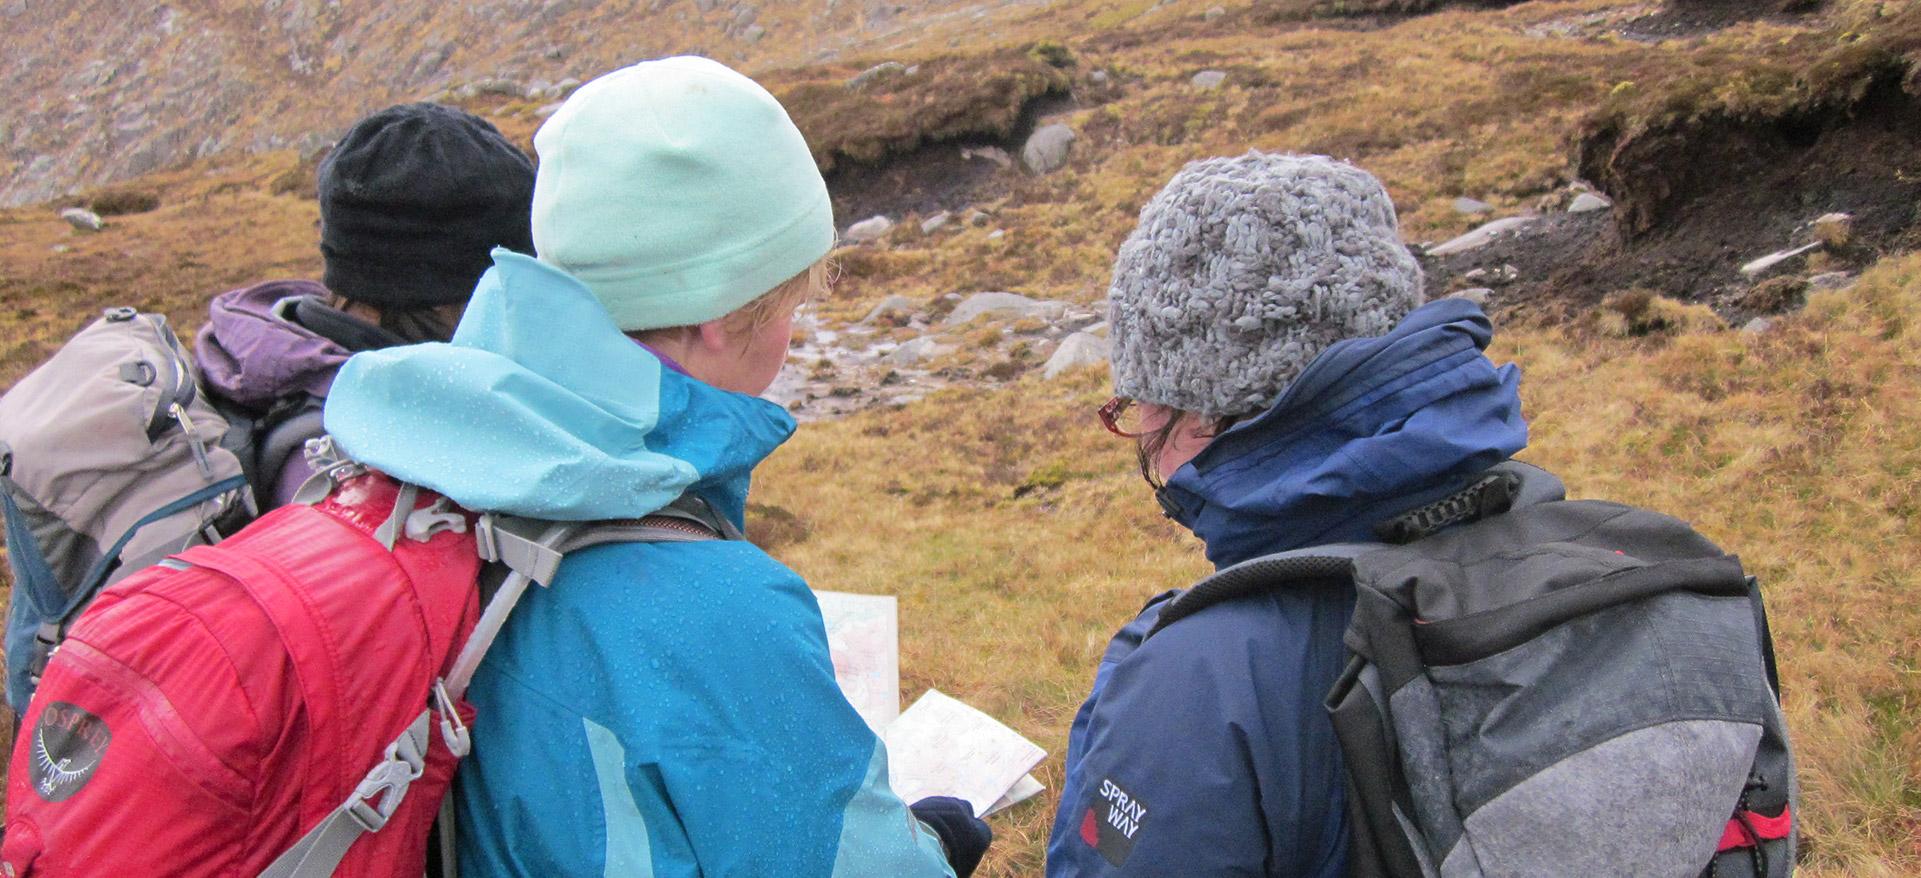 gartan outdoor centre - mountaineering course